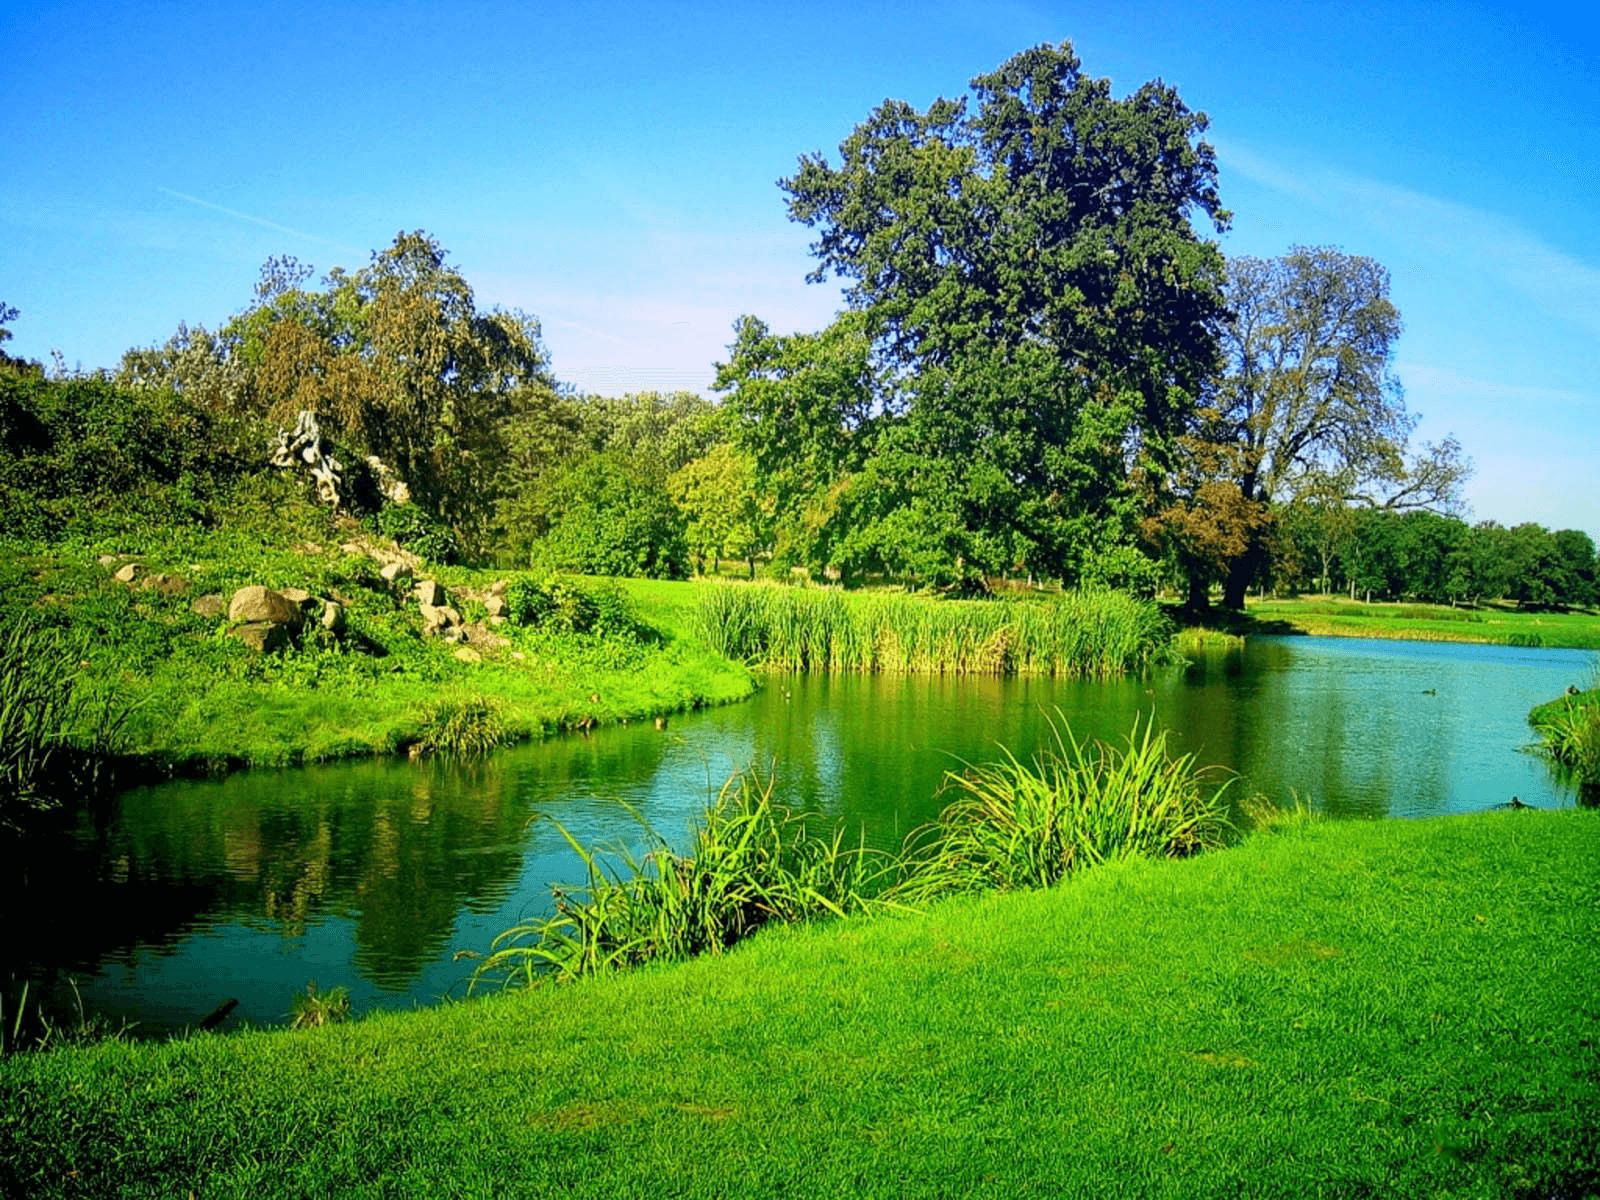 ירוק בעיניים